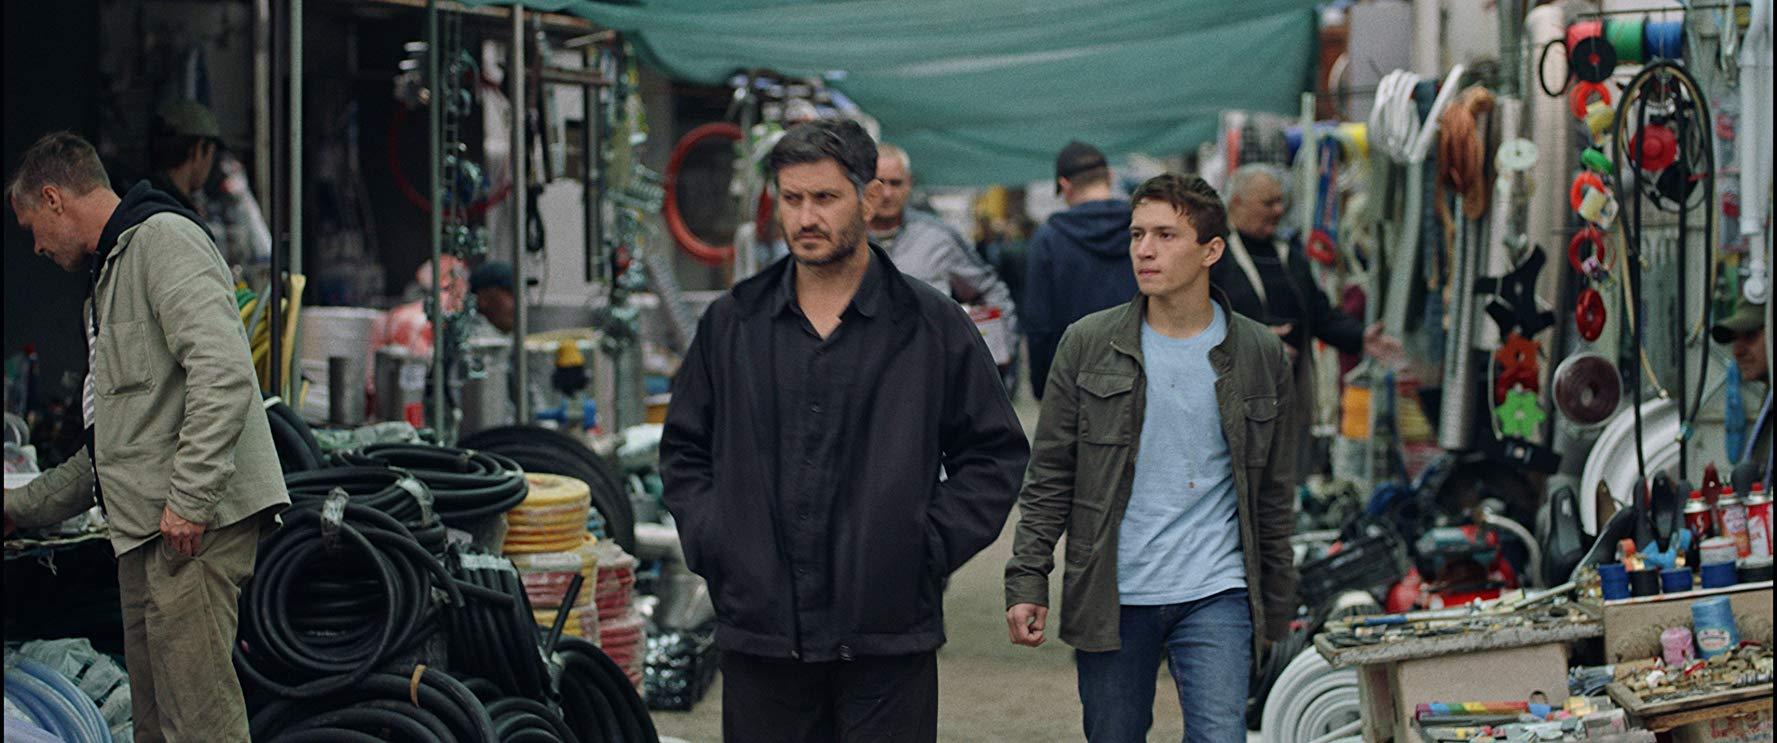 Фільм «Додому» отримав три премії українських кінокритиків